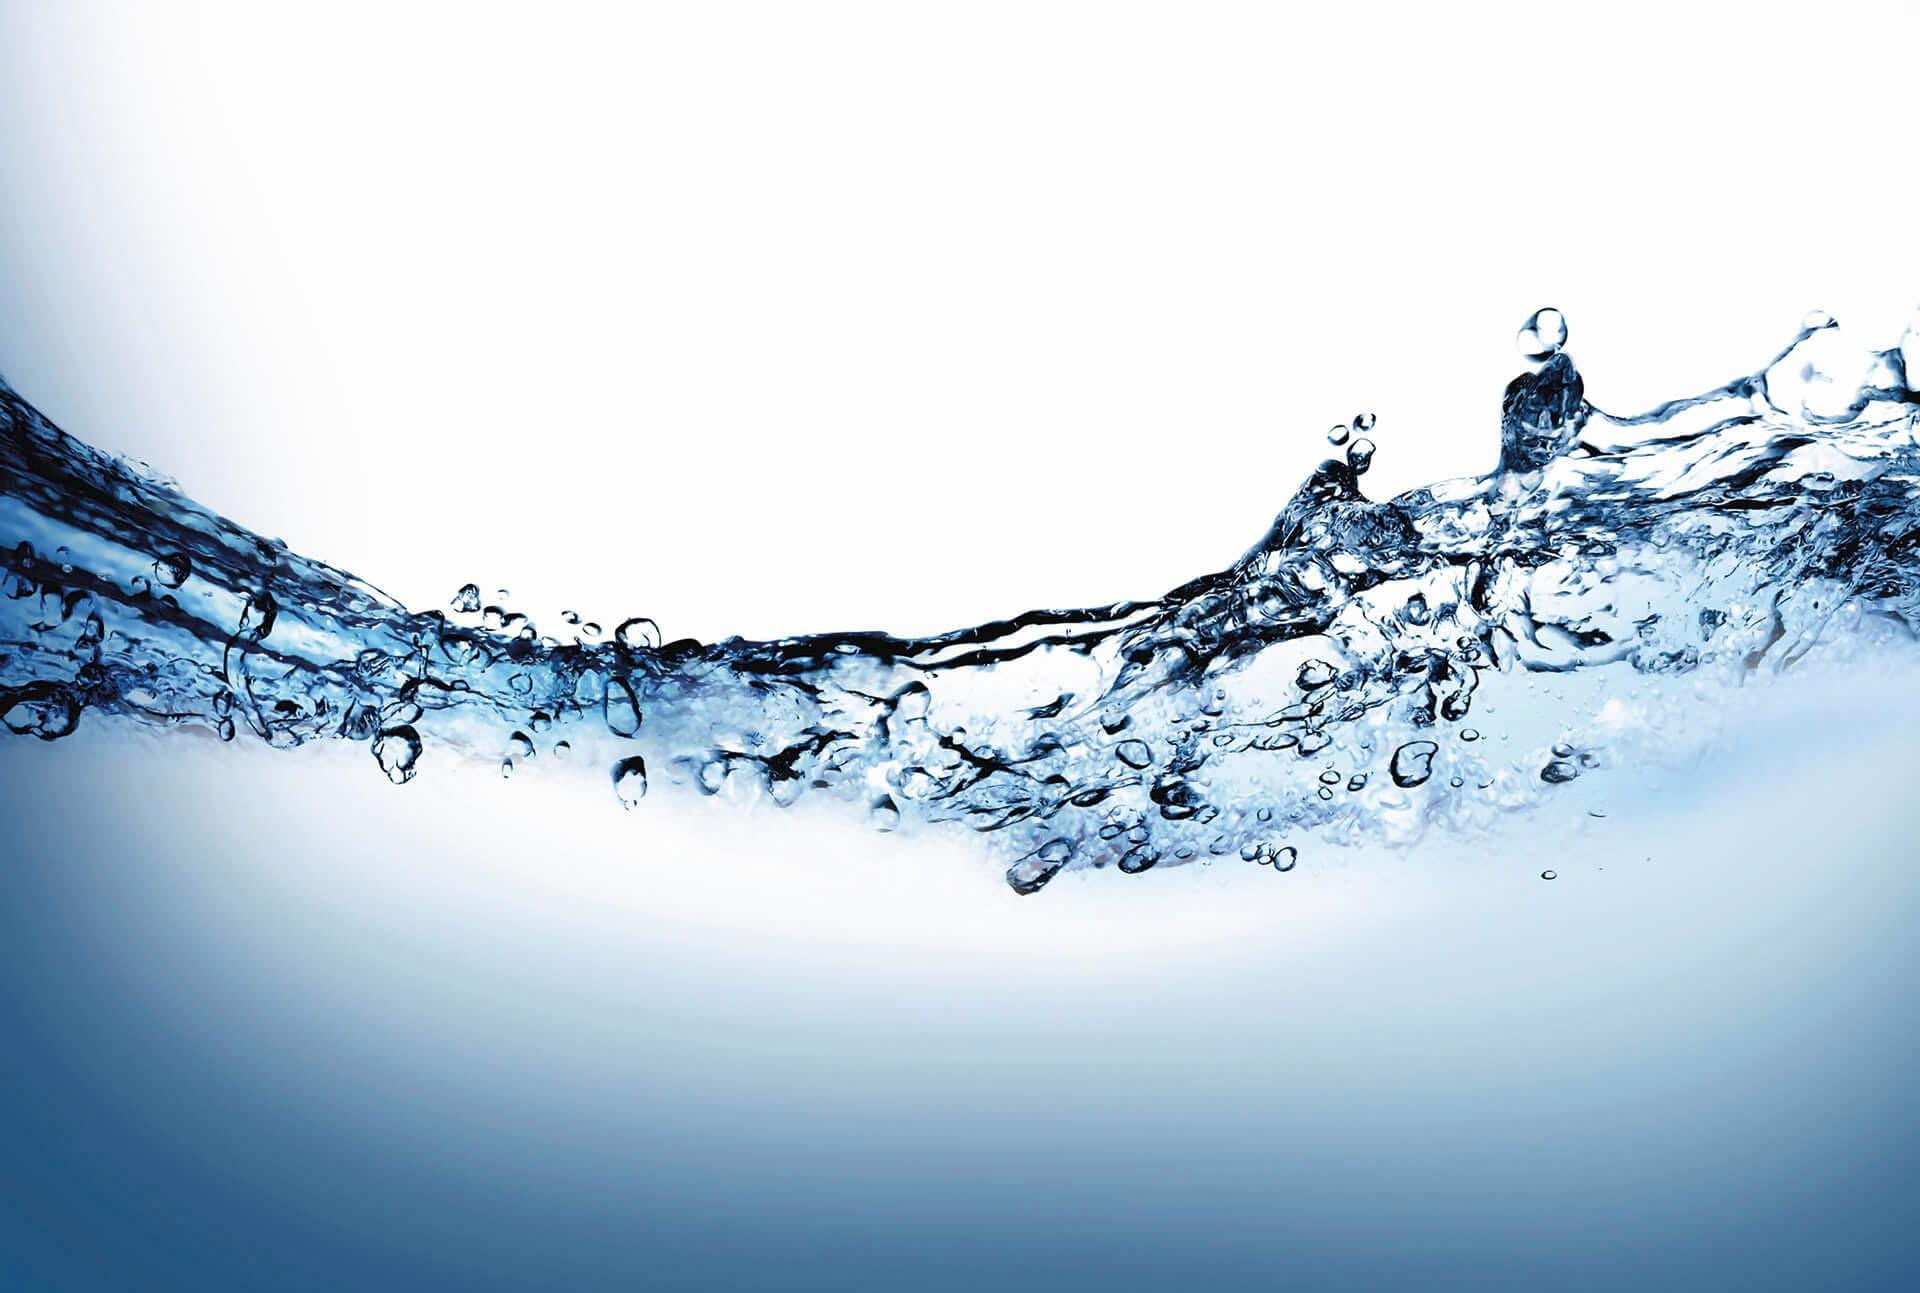 Vliestapete Water Flow Wohnen/Wohntextilien/Tapeten/Fototapeten/Fototapeten Stadt